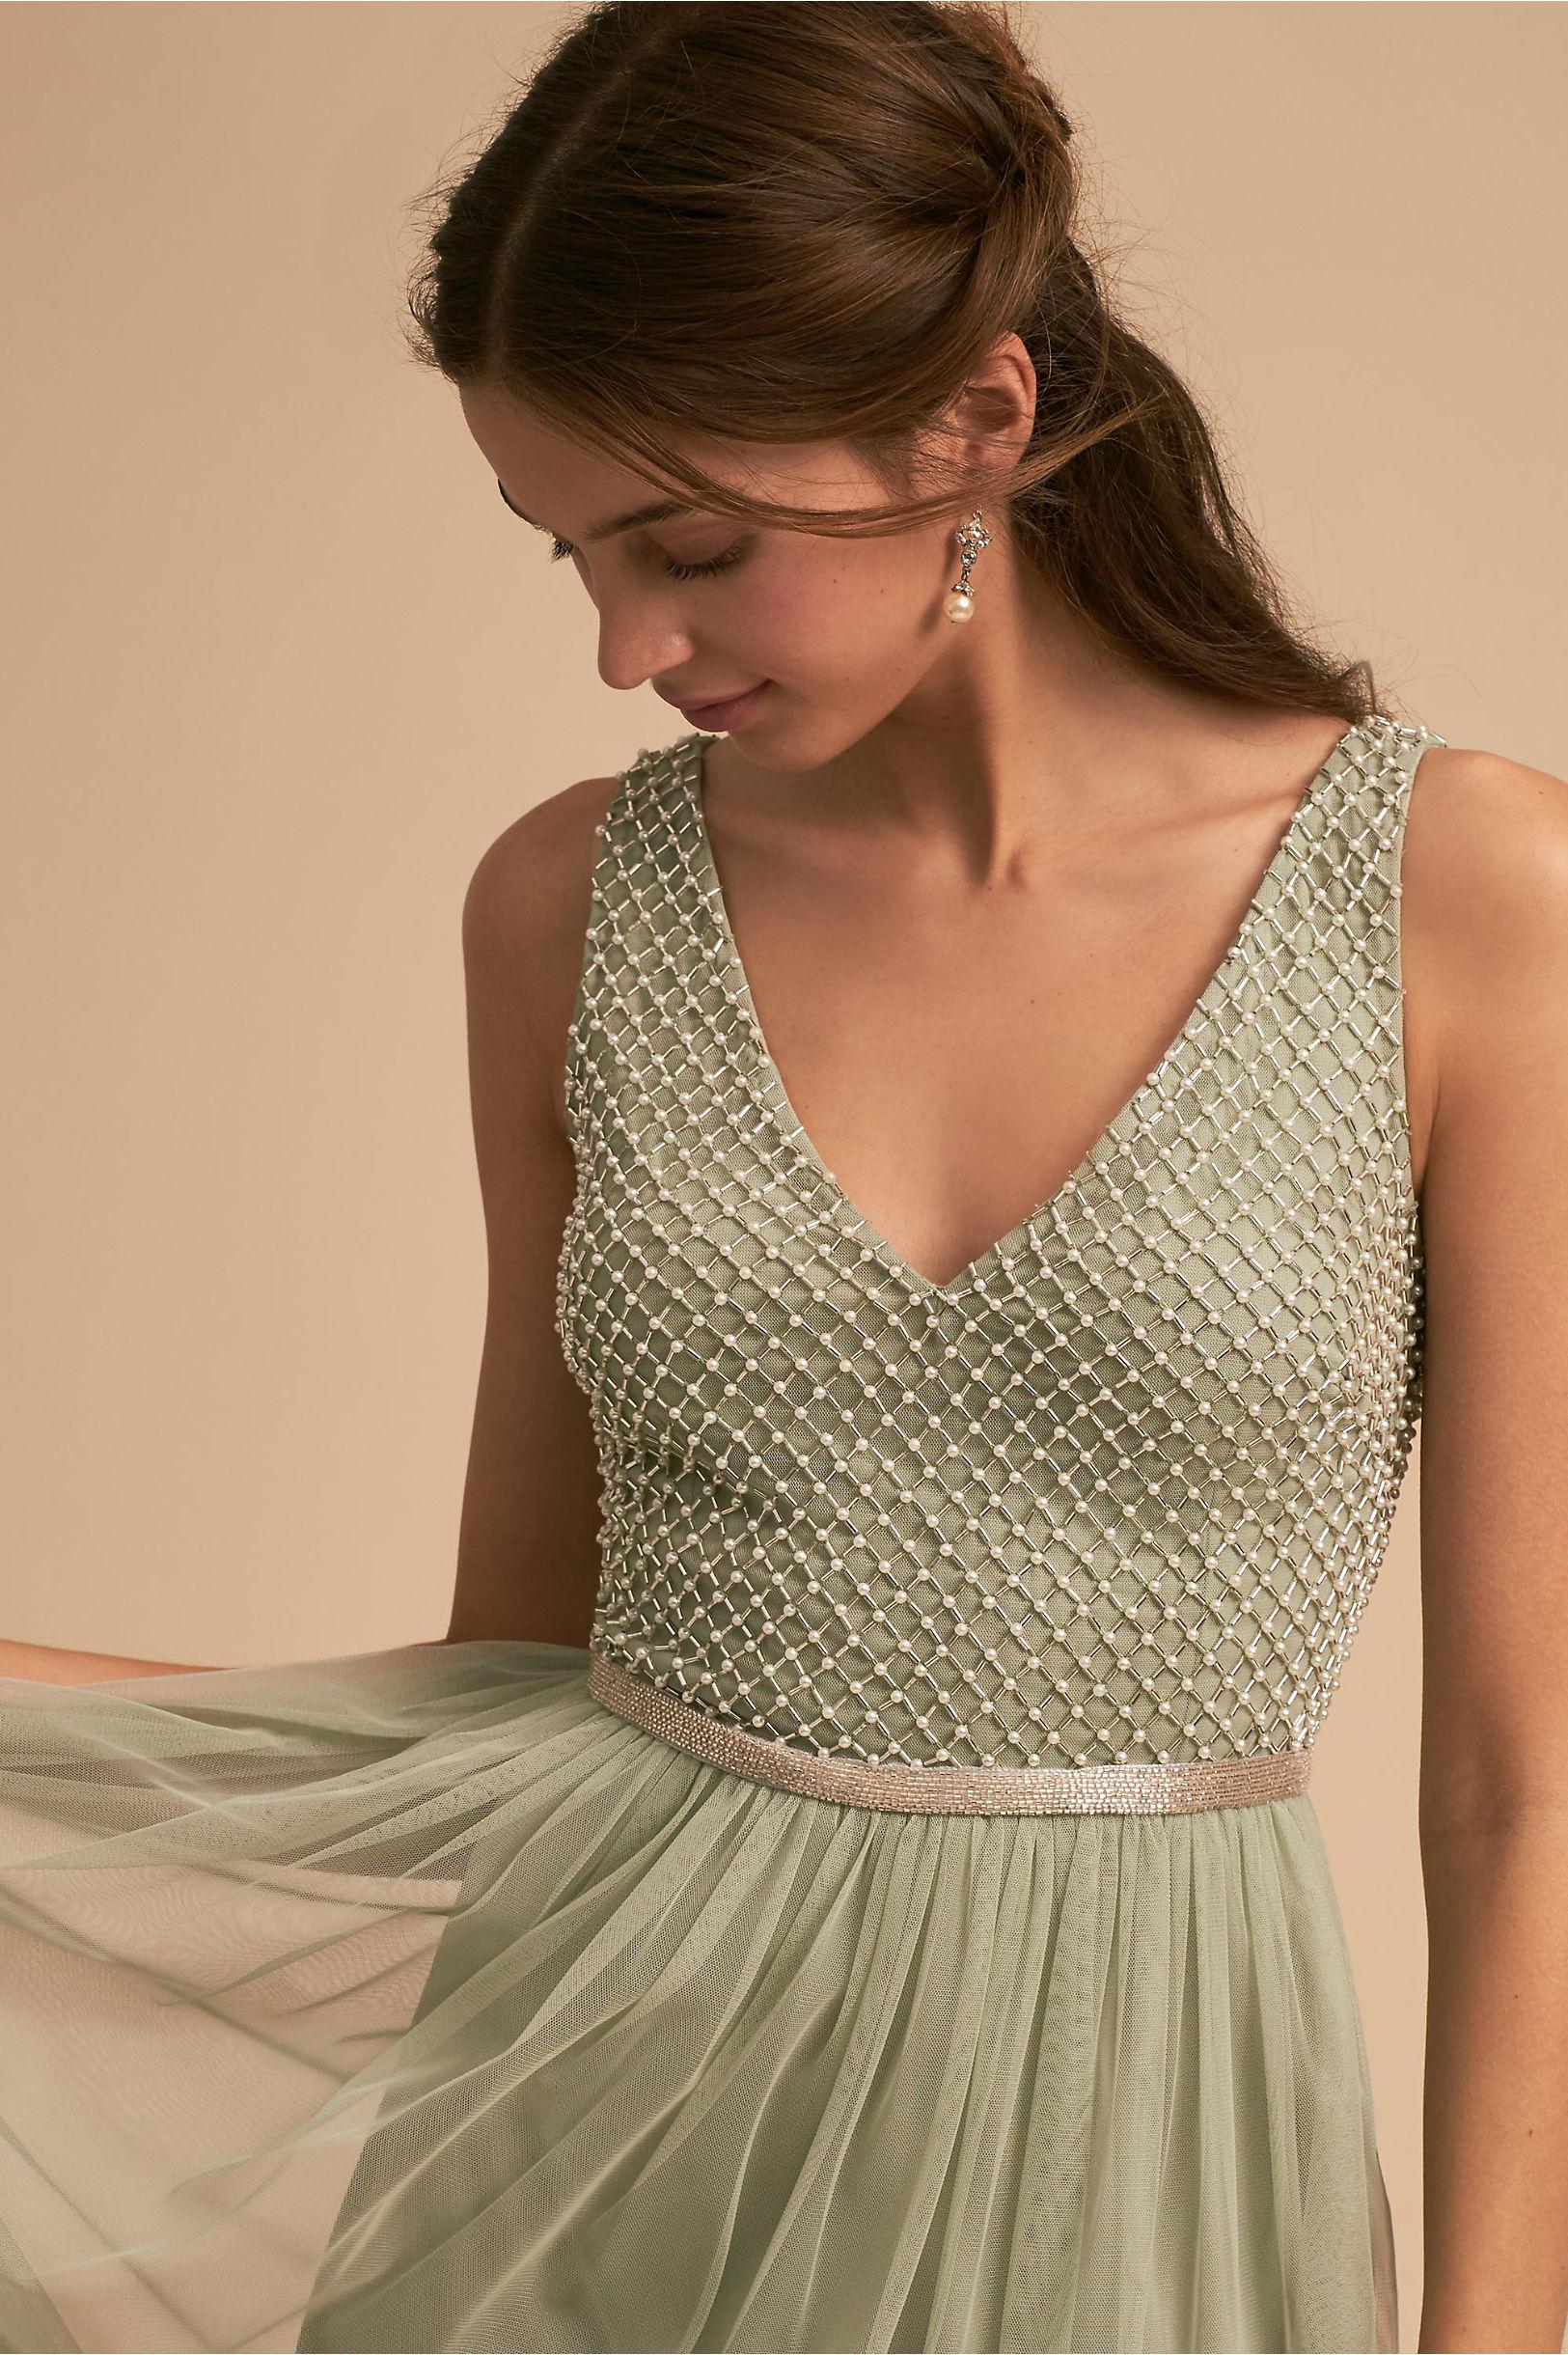 757a39a2269 Bryce Dress Aqua Mist in Sale